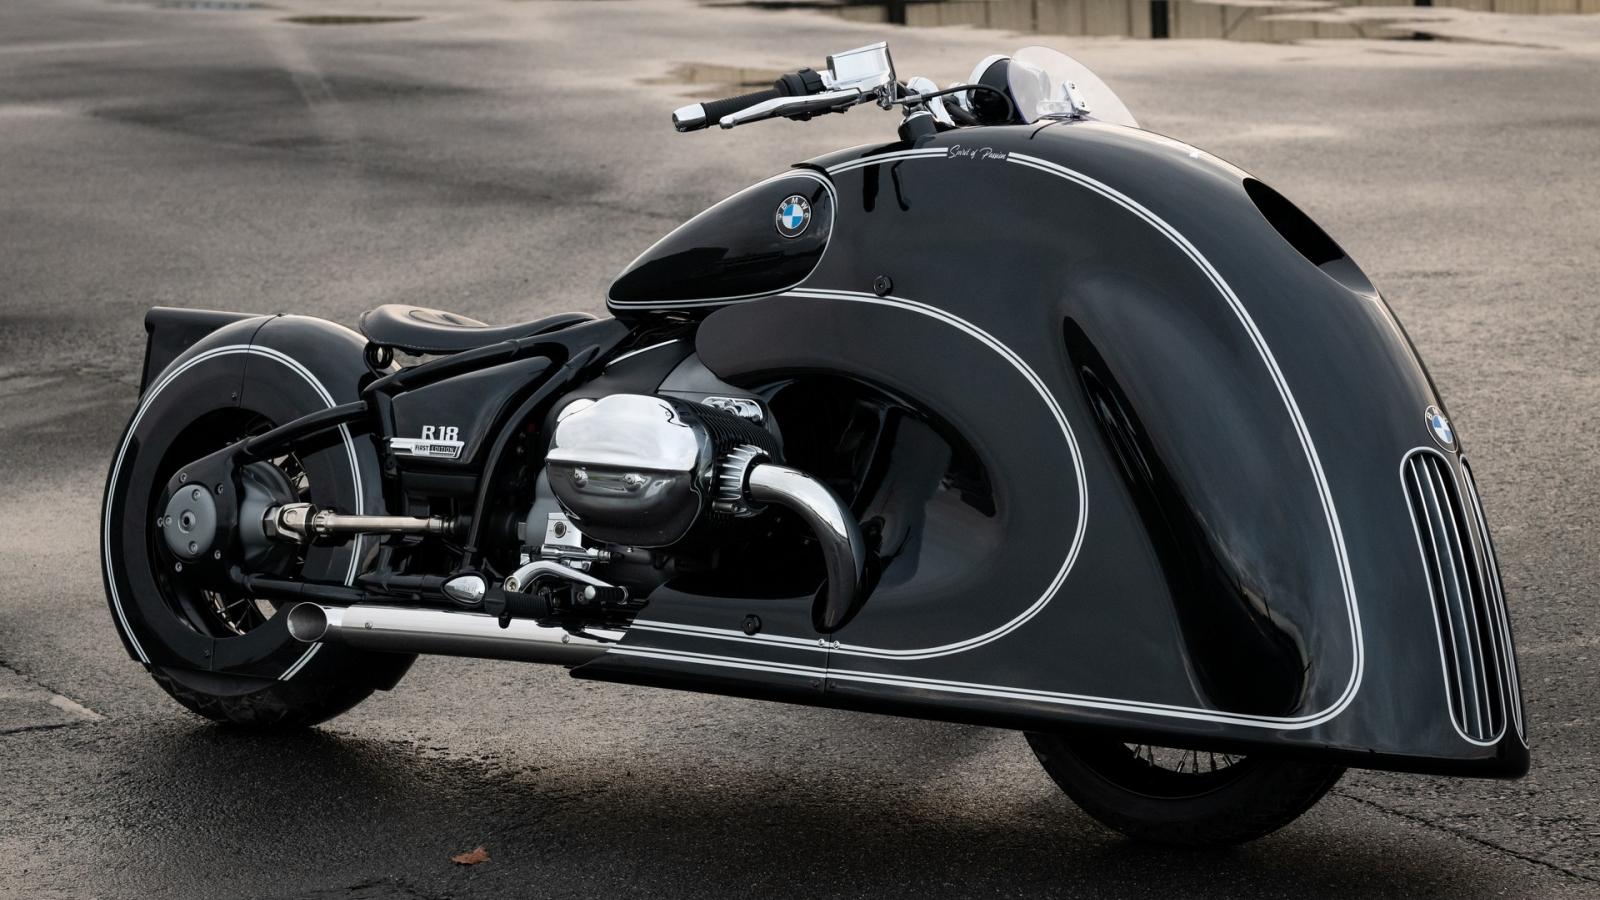 """Cận cảnh BMW R 18 Spirit of Passion với lưới tản nhiệt """"độc nhất vô nhị"""""""